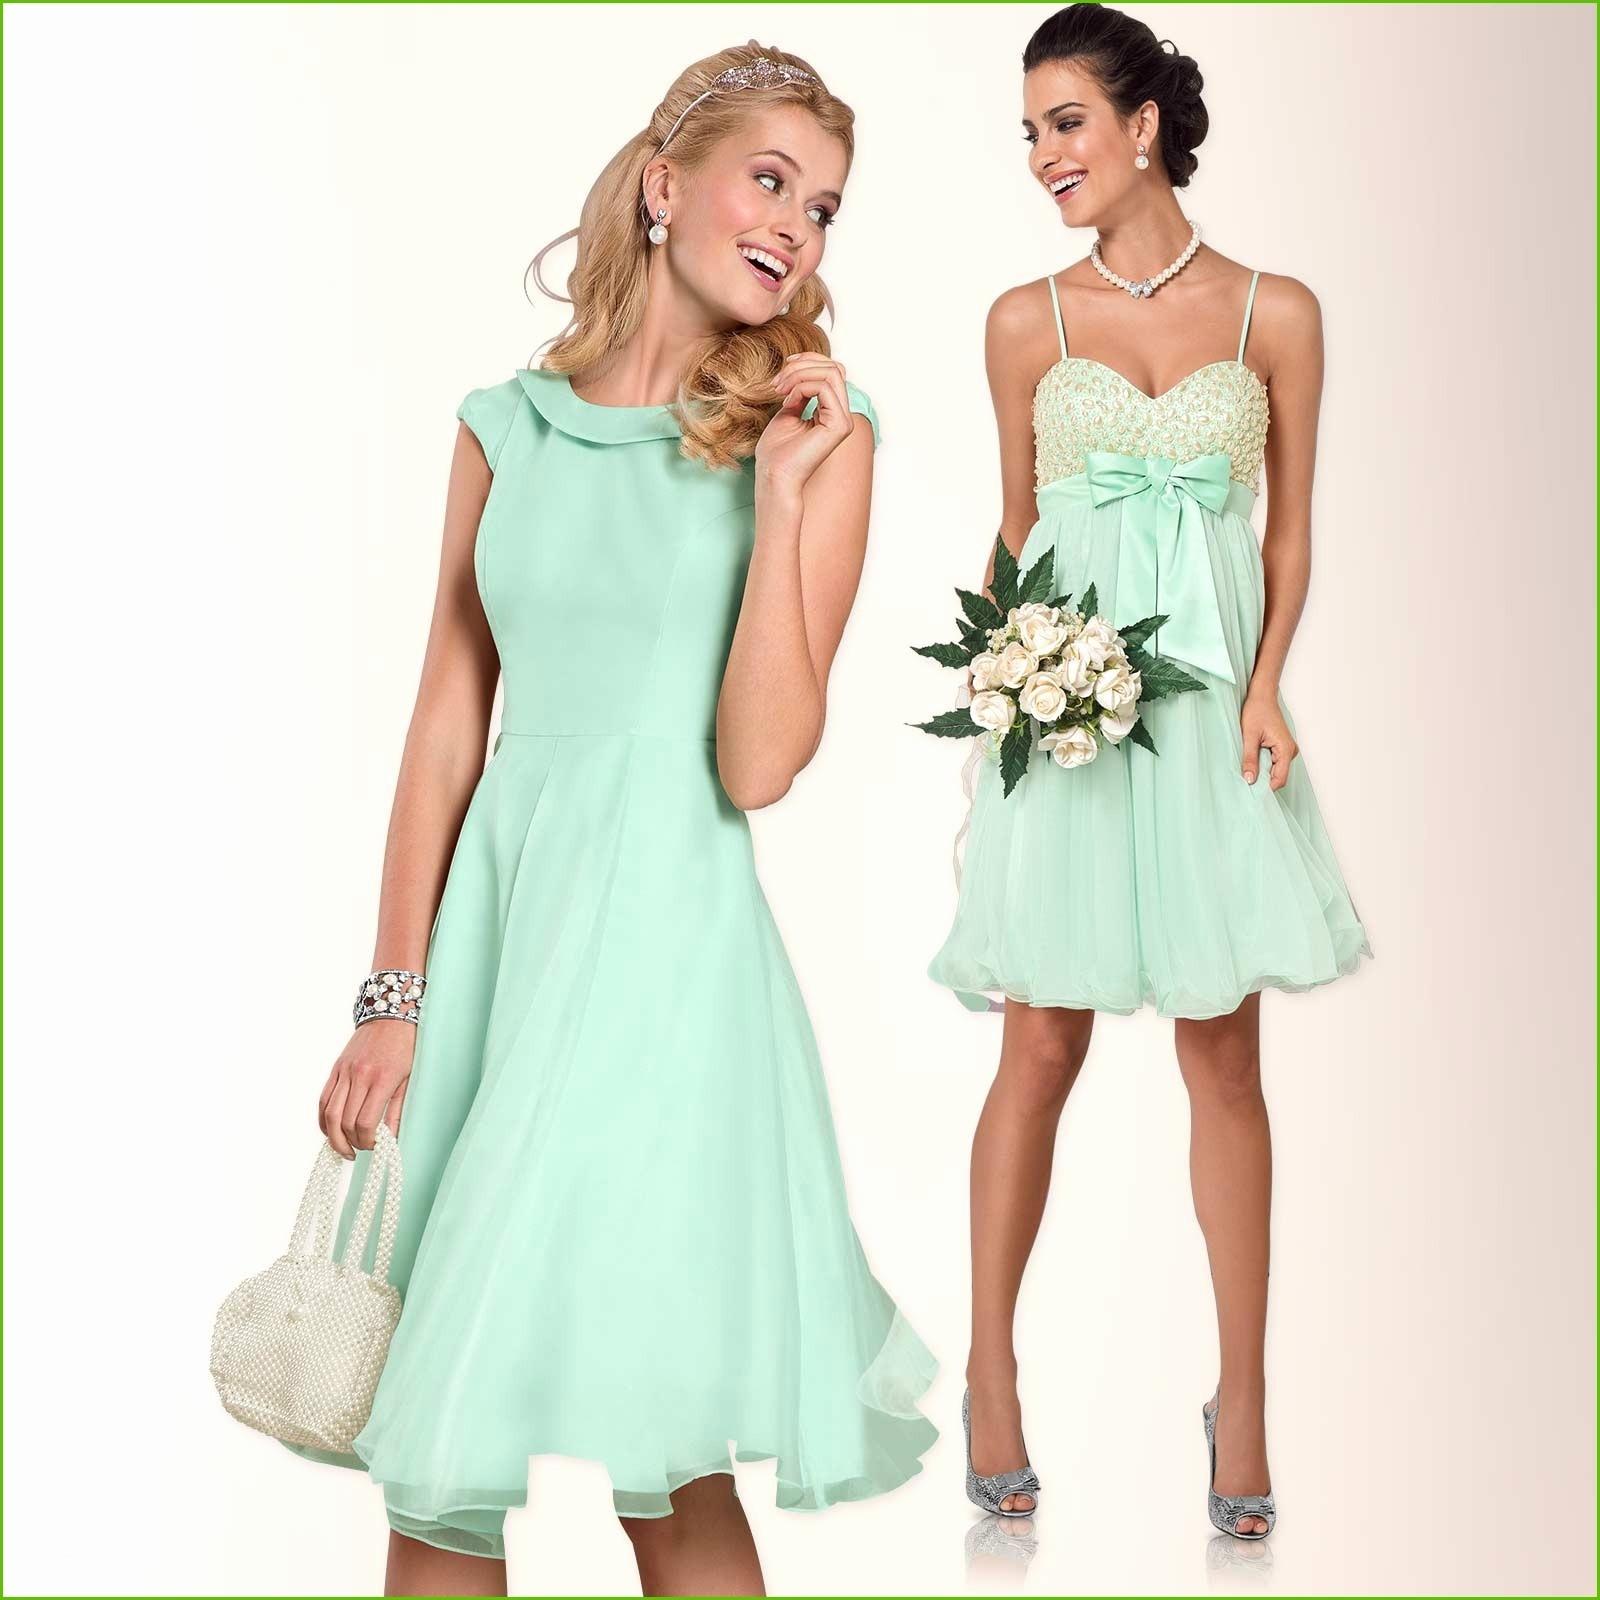 kleider für hochzeit als gast online kaufen - abendkleid